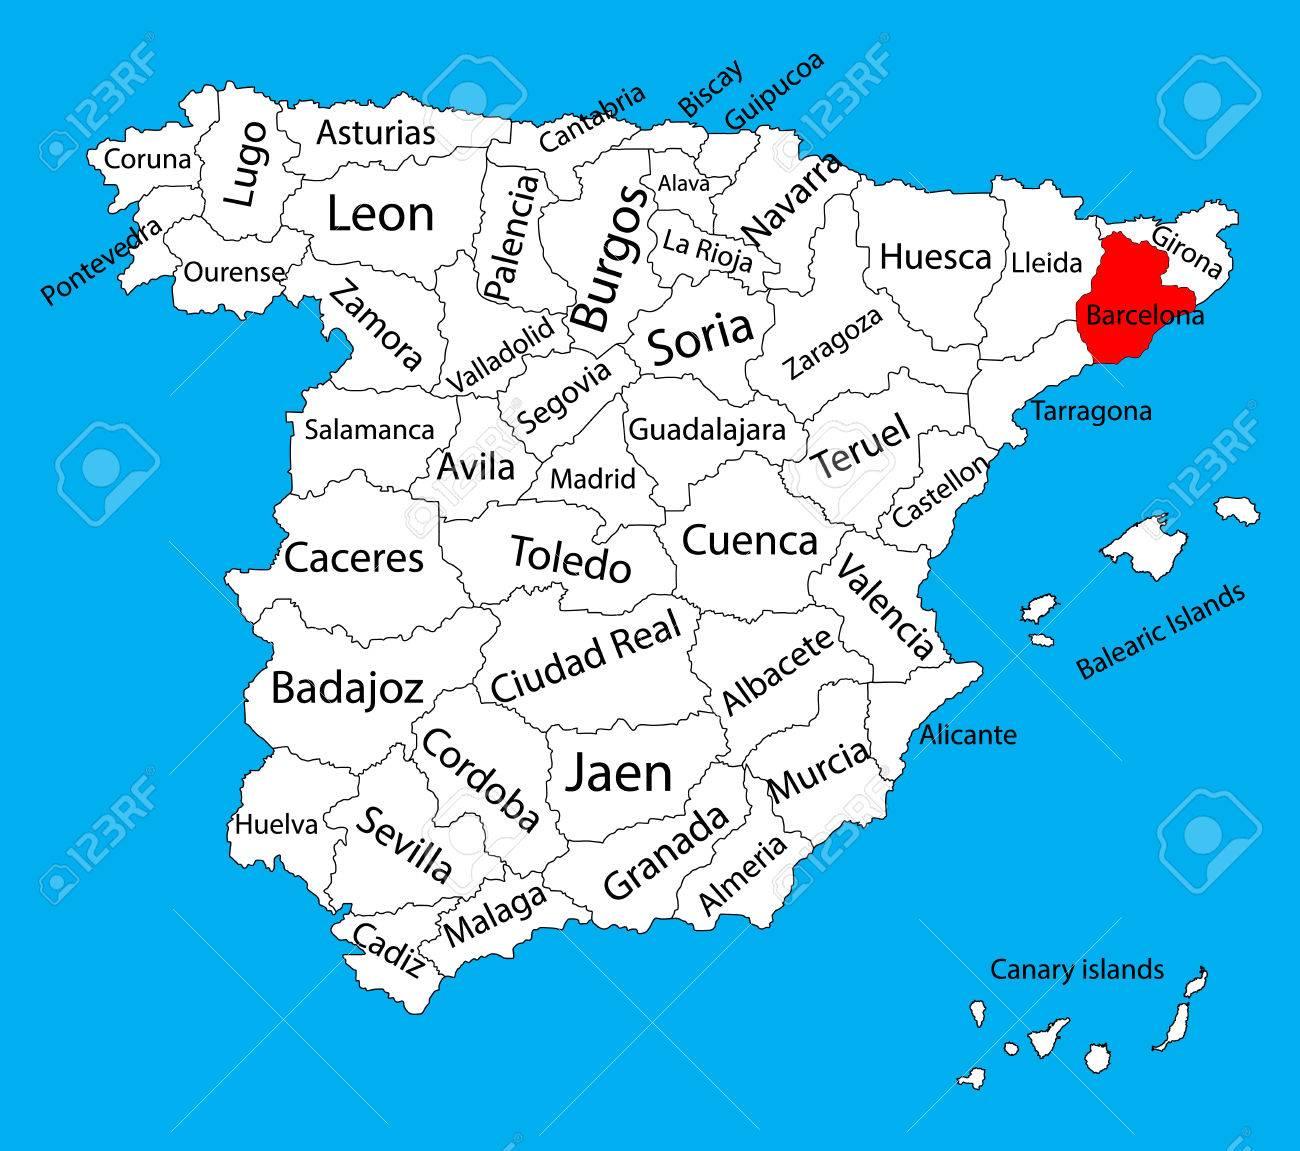 Barcelona En El Mapa.Mapa De Barcelona Mapa Vectorial De La Provincia De Espana Alto Mapa De Vectores Detallados De Espana Con Regiones Separadas Aisladas Sobre Fondo Mapa De Las Autonomias De Espana Mapa Vectorial Editable